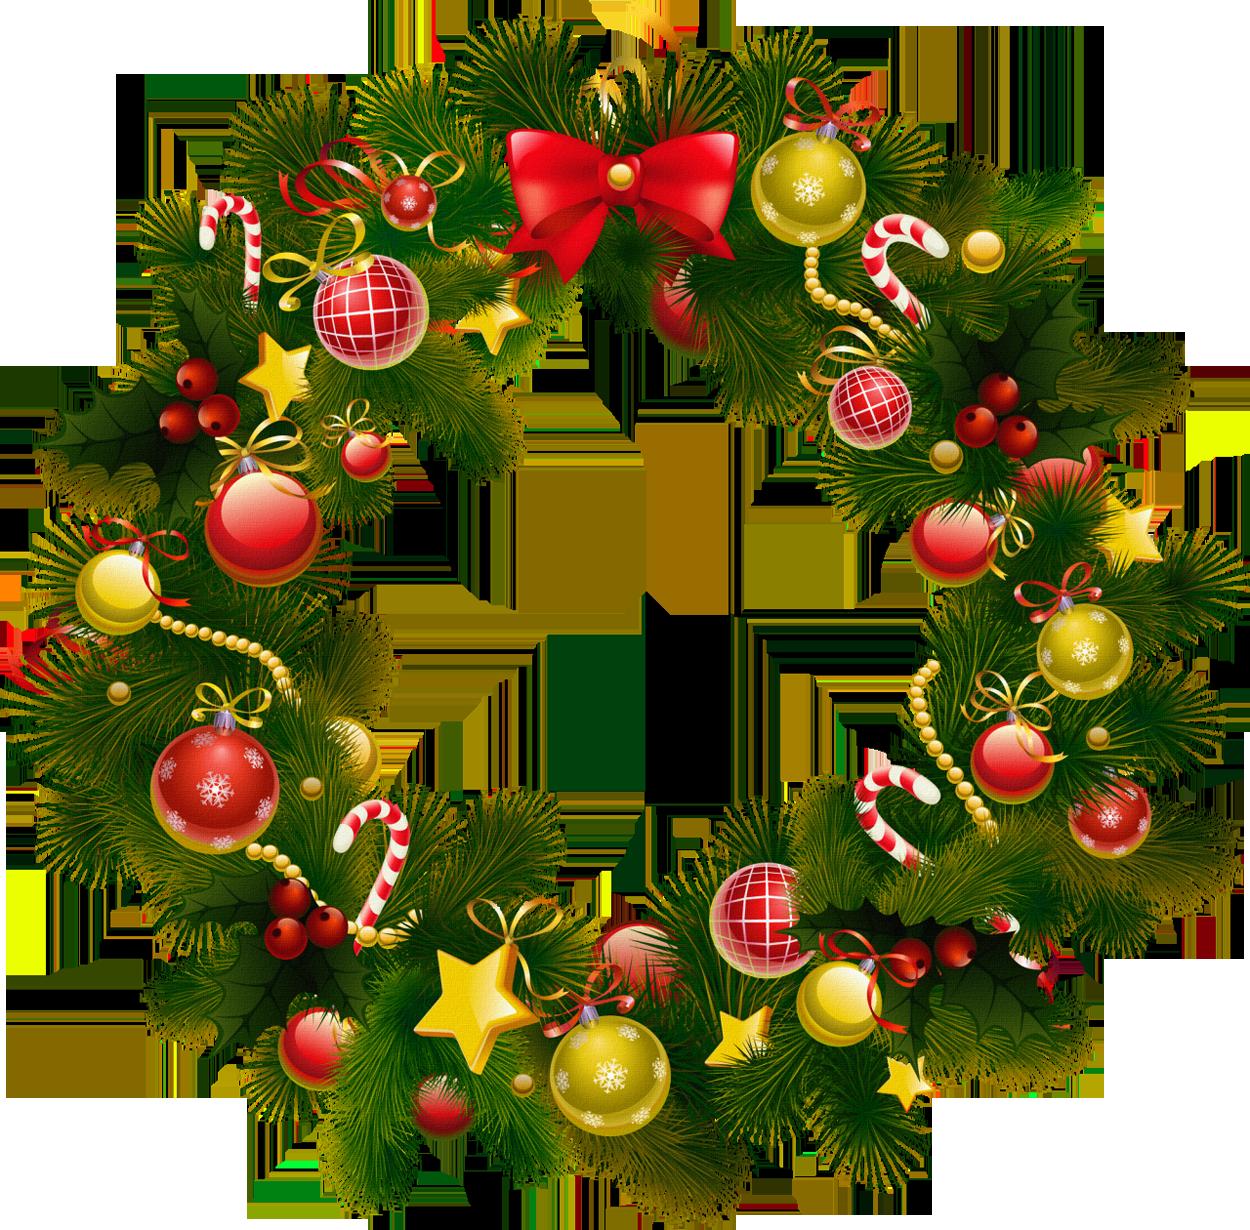 Christmas Wreath Clip Art. 2016/02/18 Ch-Christmas Wreath Clip Art. 2016/02/18 Christmas Wreath u0026middot; Clipartbest Com-6